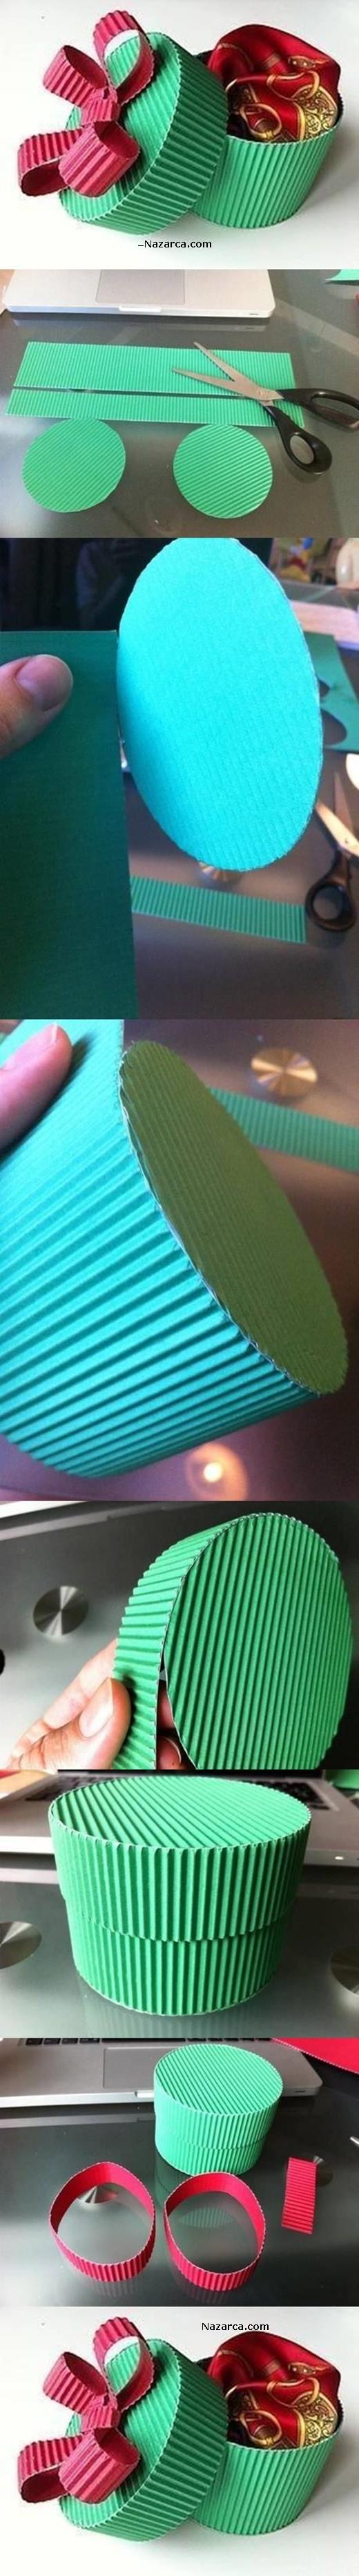 nazarca-Corrugated-boxes